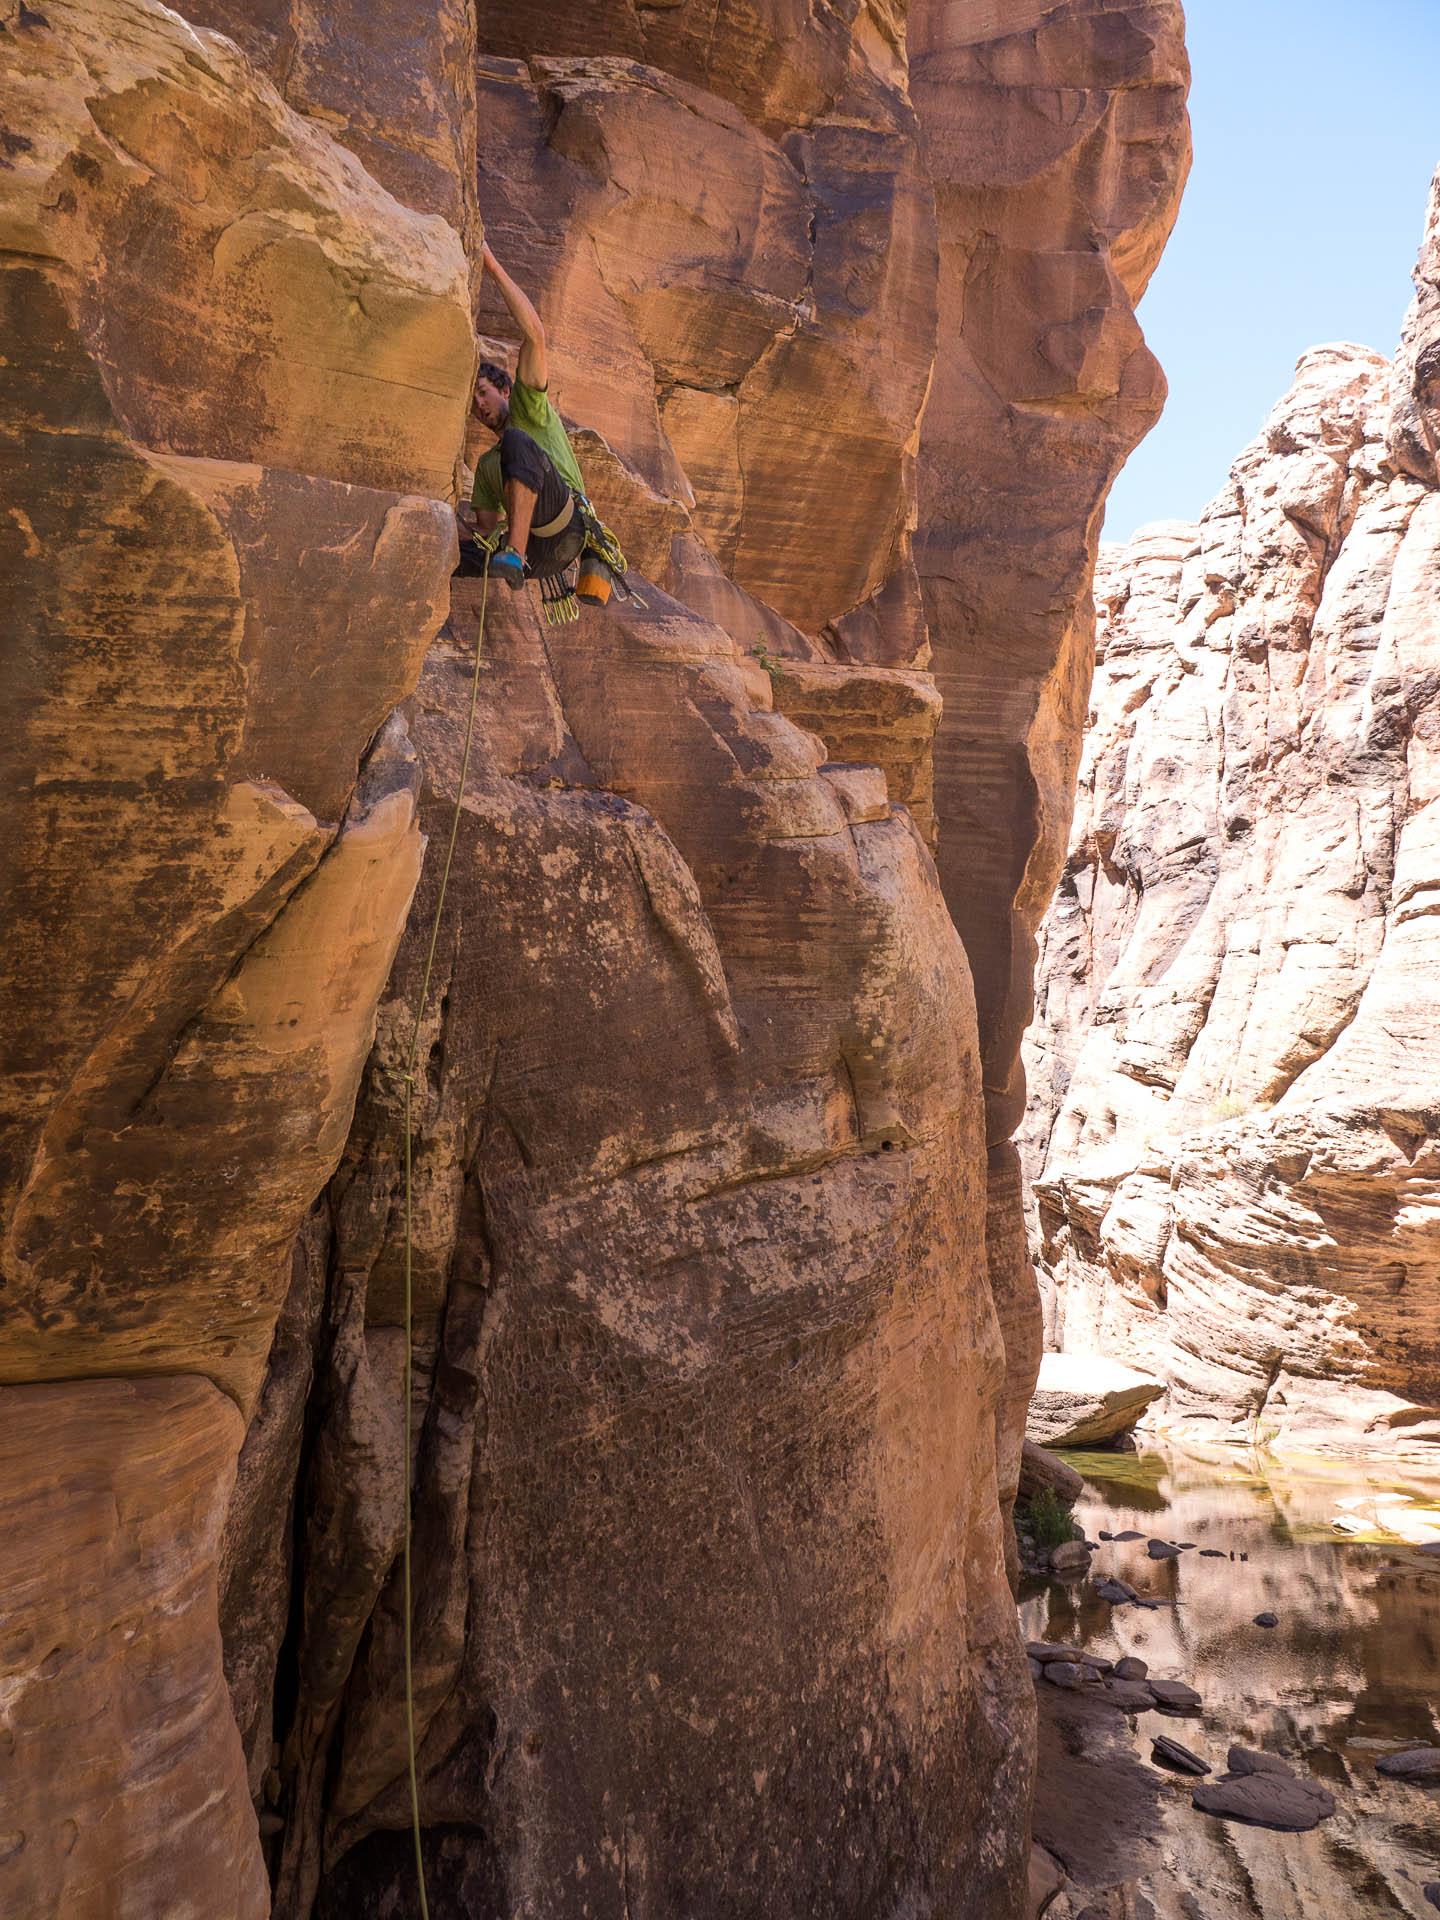 cam climbing